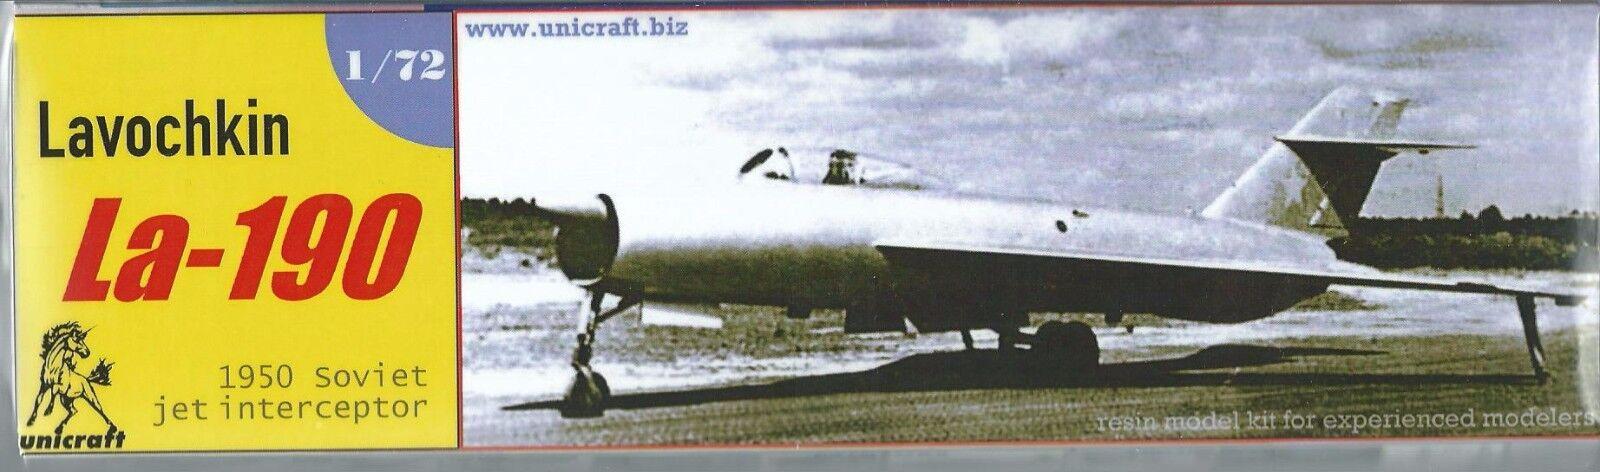 1 72 Unicraft Lavochkin La-190